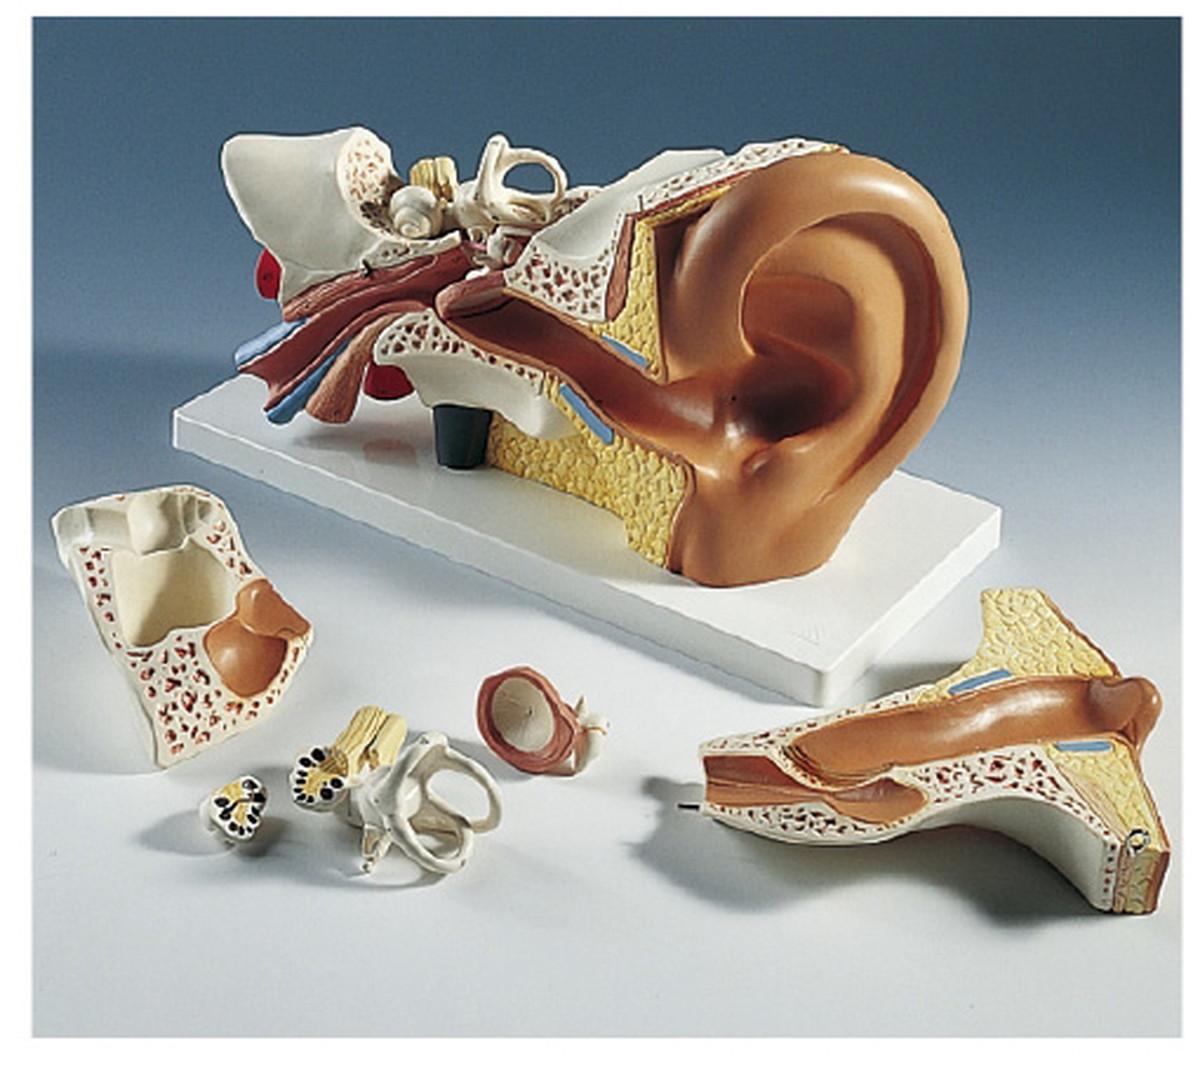 ★最大P24倍★ 1/9-1/16【送料無料】-平衡聴覚器モデル(標準型) E10 (34X16X19CM) 品番 my11-2120-00-- 1入り-【MY医科器機】